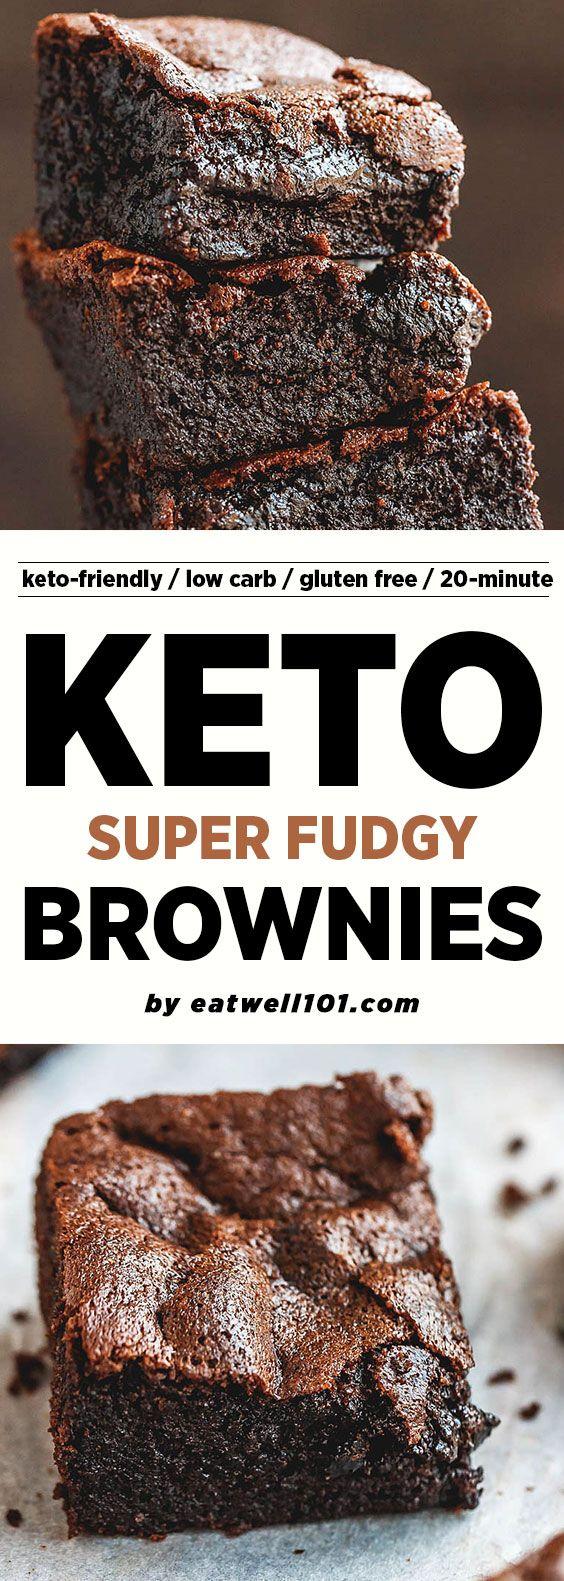 Super Fudgy Low-Carb Keto Brownies Rezept